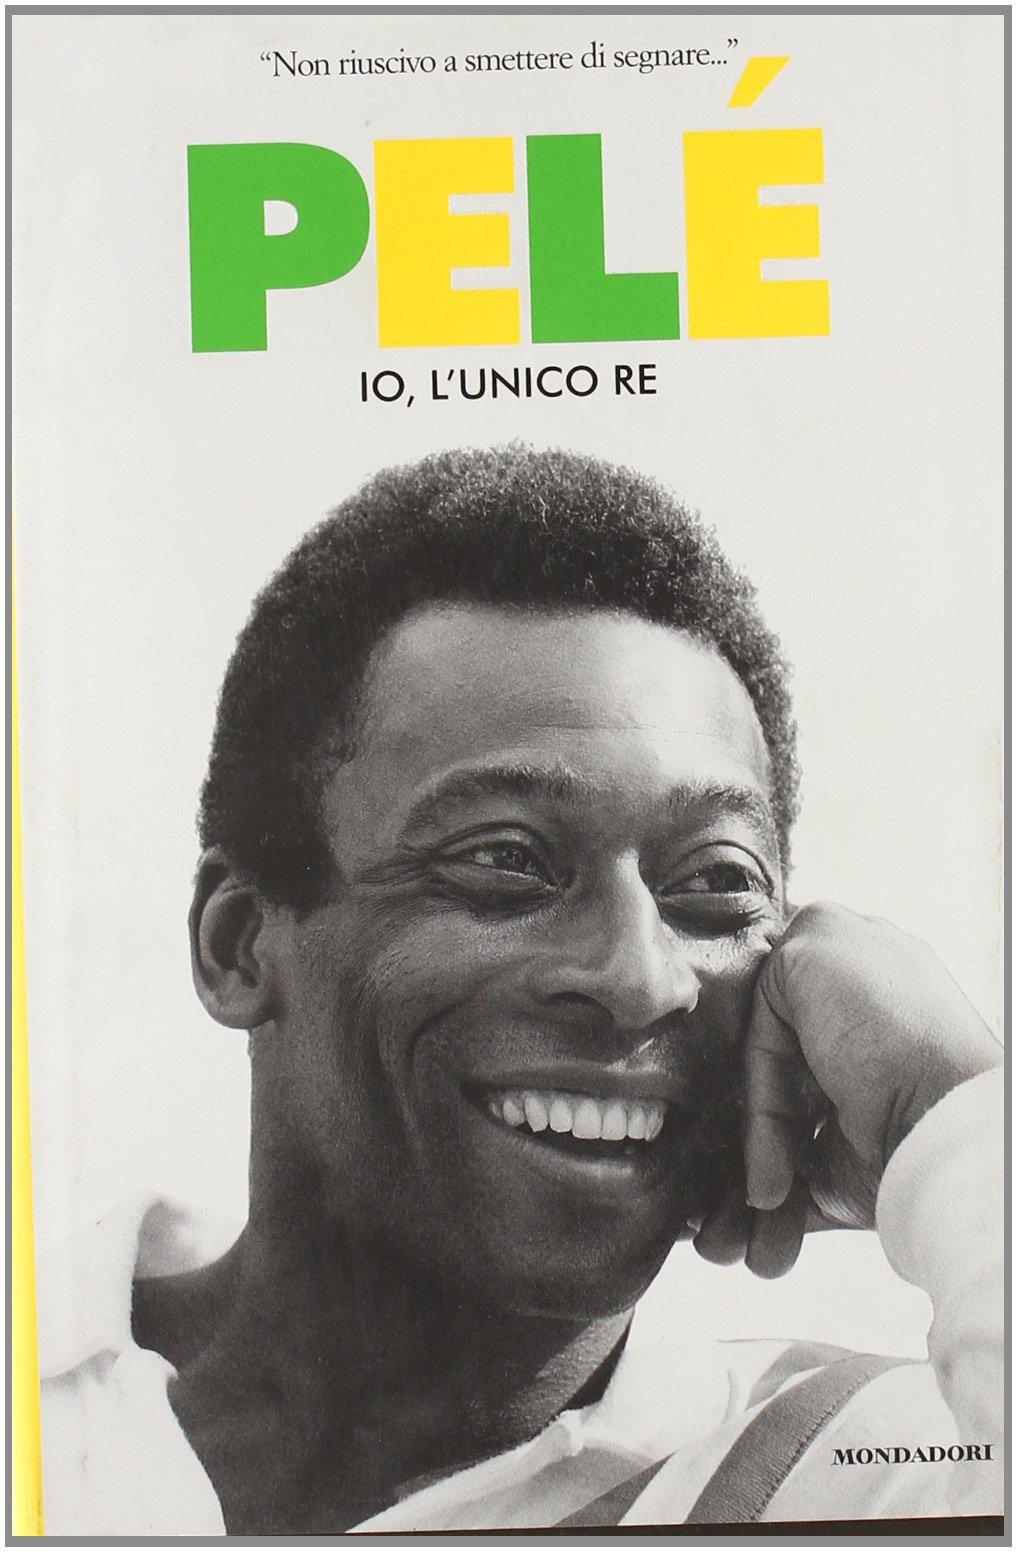 Amazon.it: Pelé. Io, l'unico re - Pelé, Duarte, Oralndo, Bellos ...